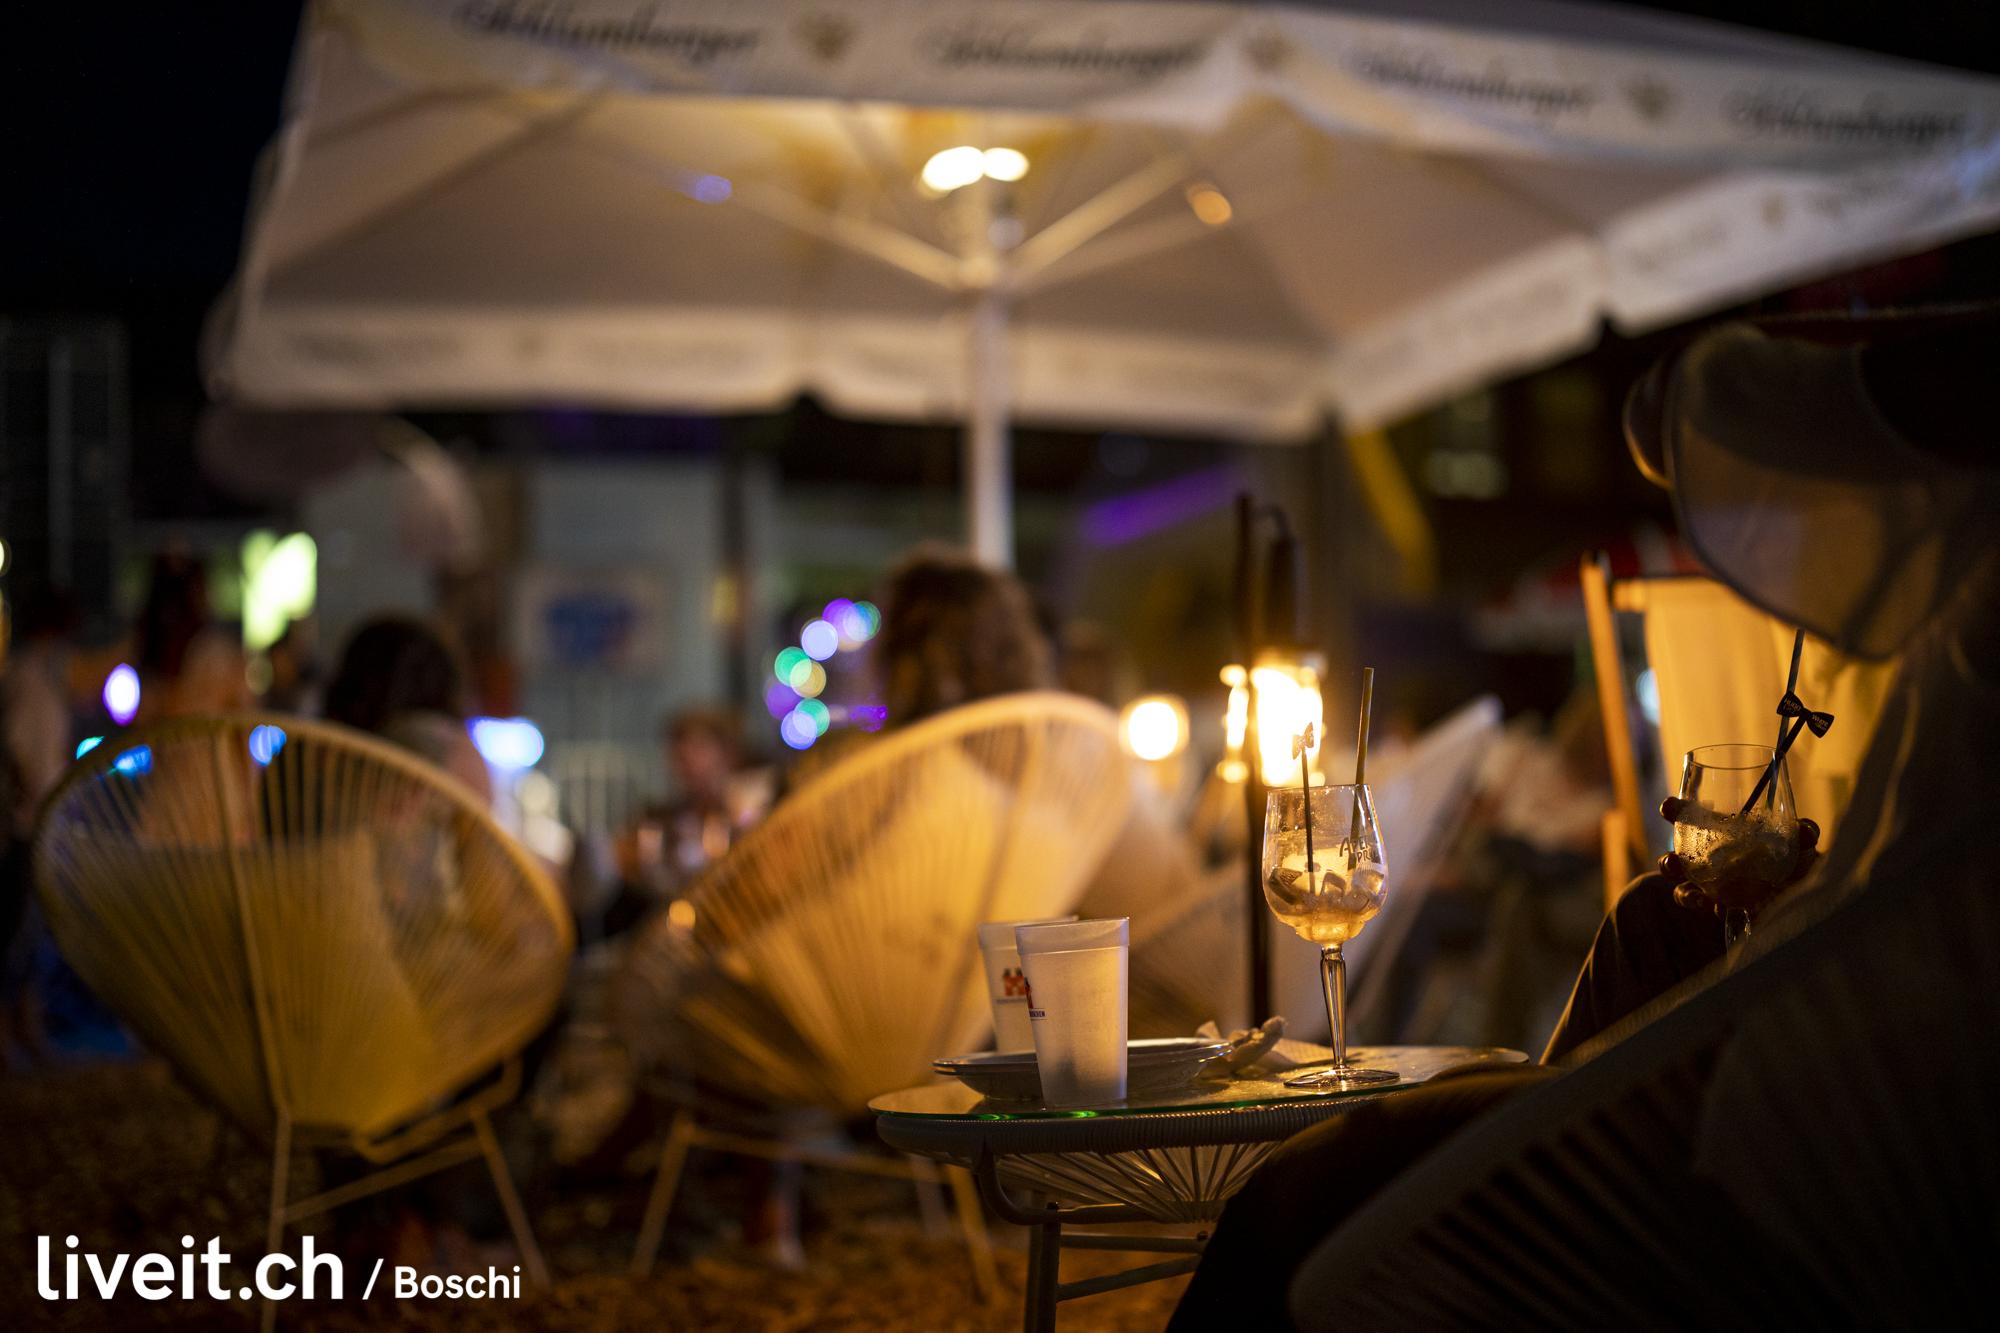 Impressionen Abend am Thunfest 2019 (liveit.ch/boschi)